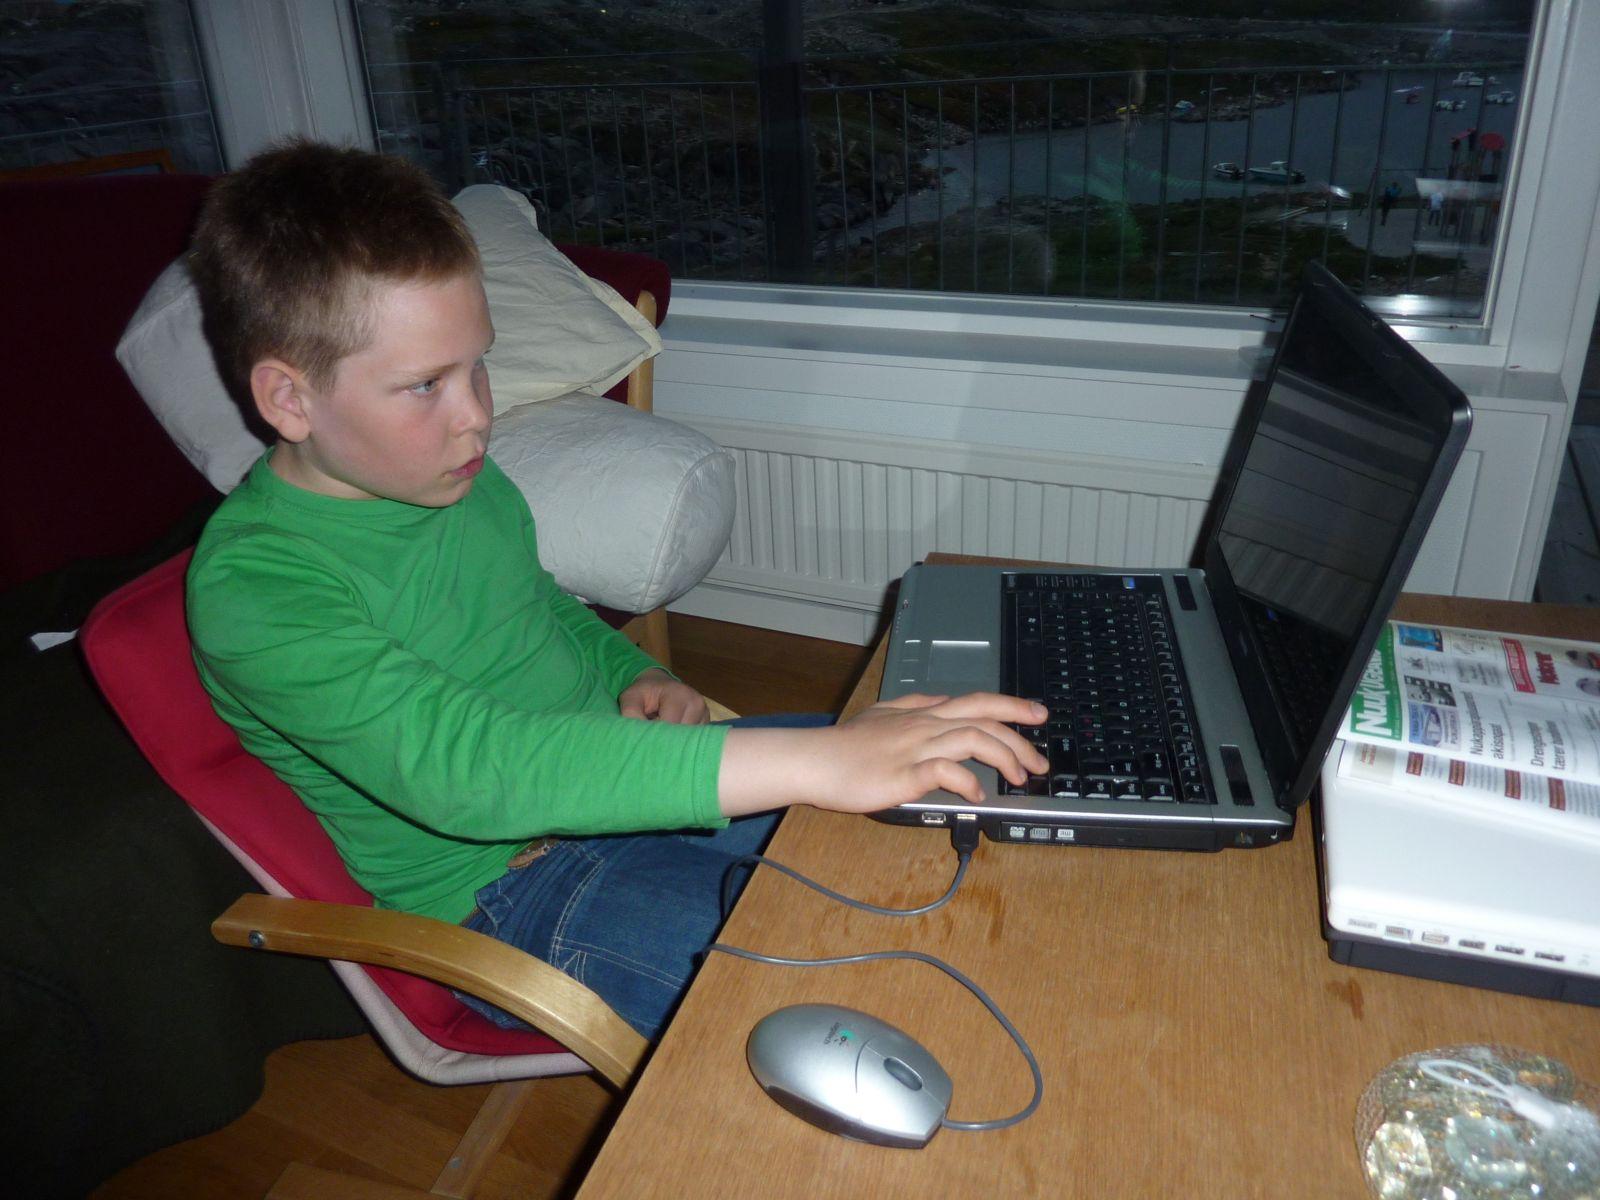 2010-06-30-2238_-_Rumle Labansen